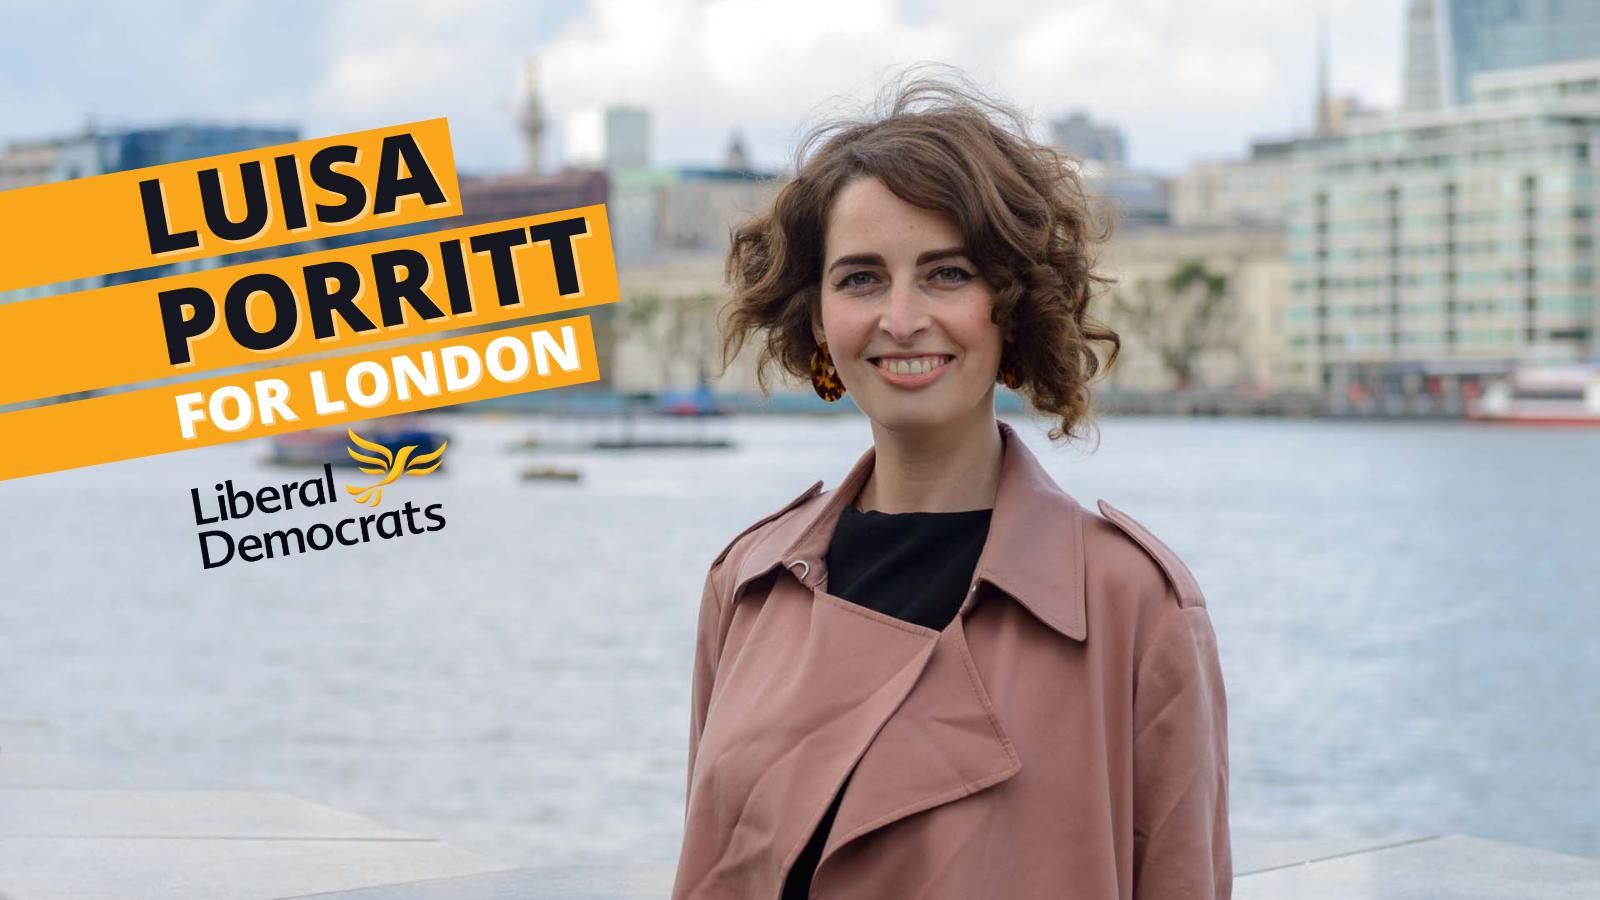 Luisa Porritt for London